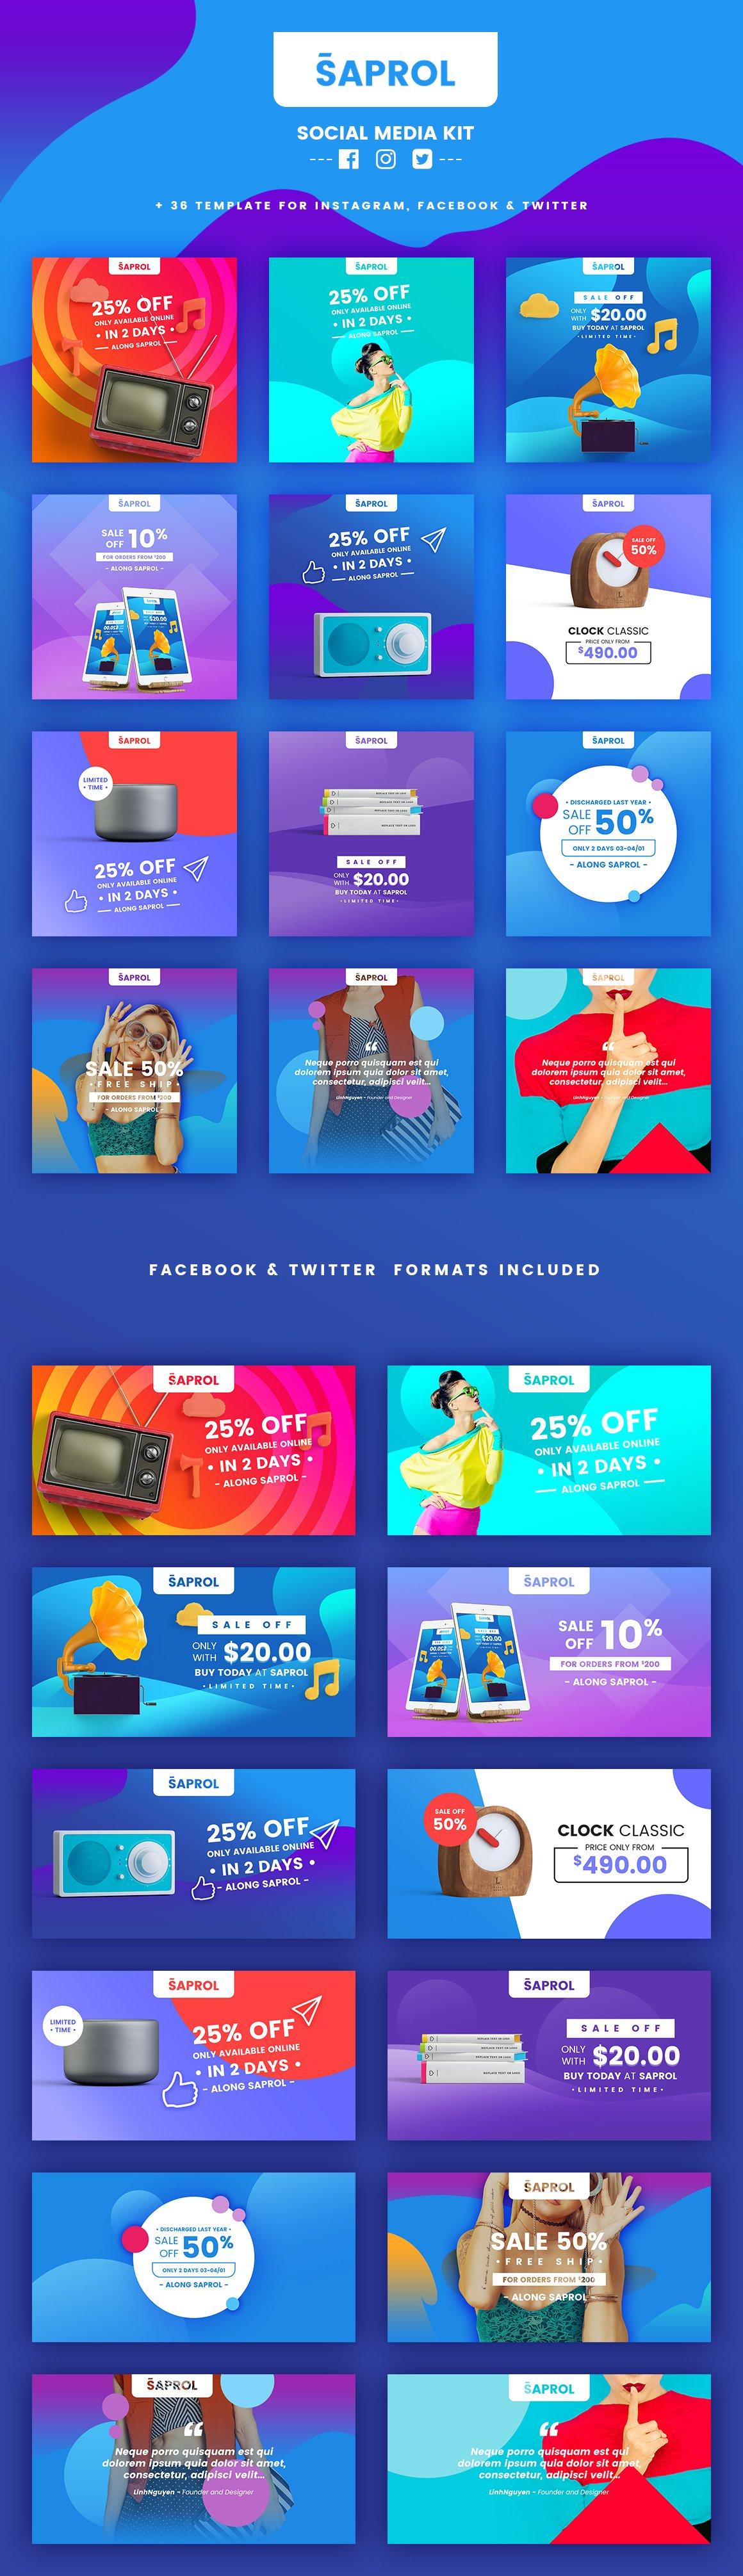 社交媒体营销宣传工具包